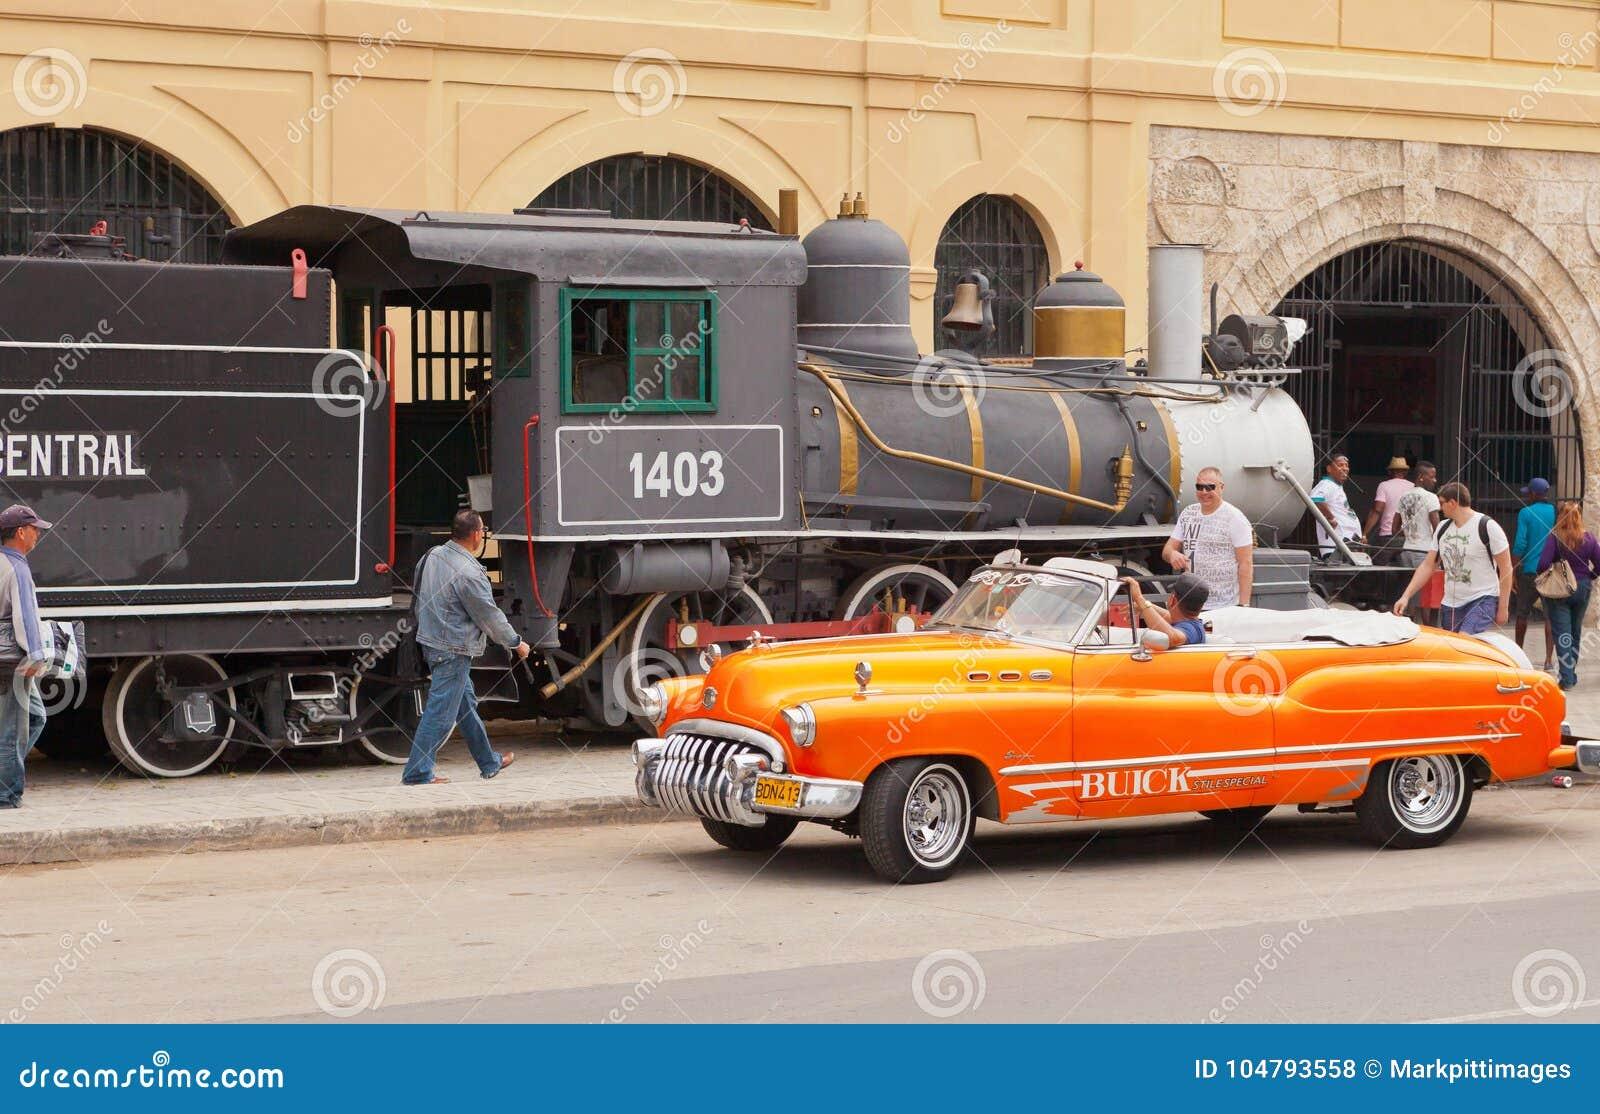 En typisk kubansk cabriolet och en gammal ånga utbildar